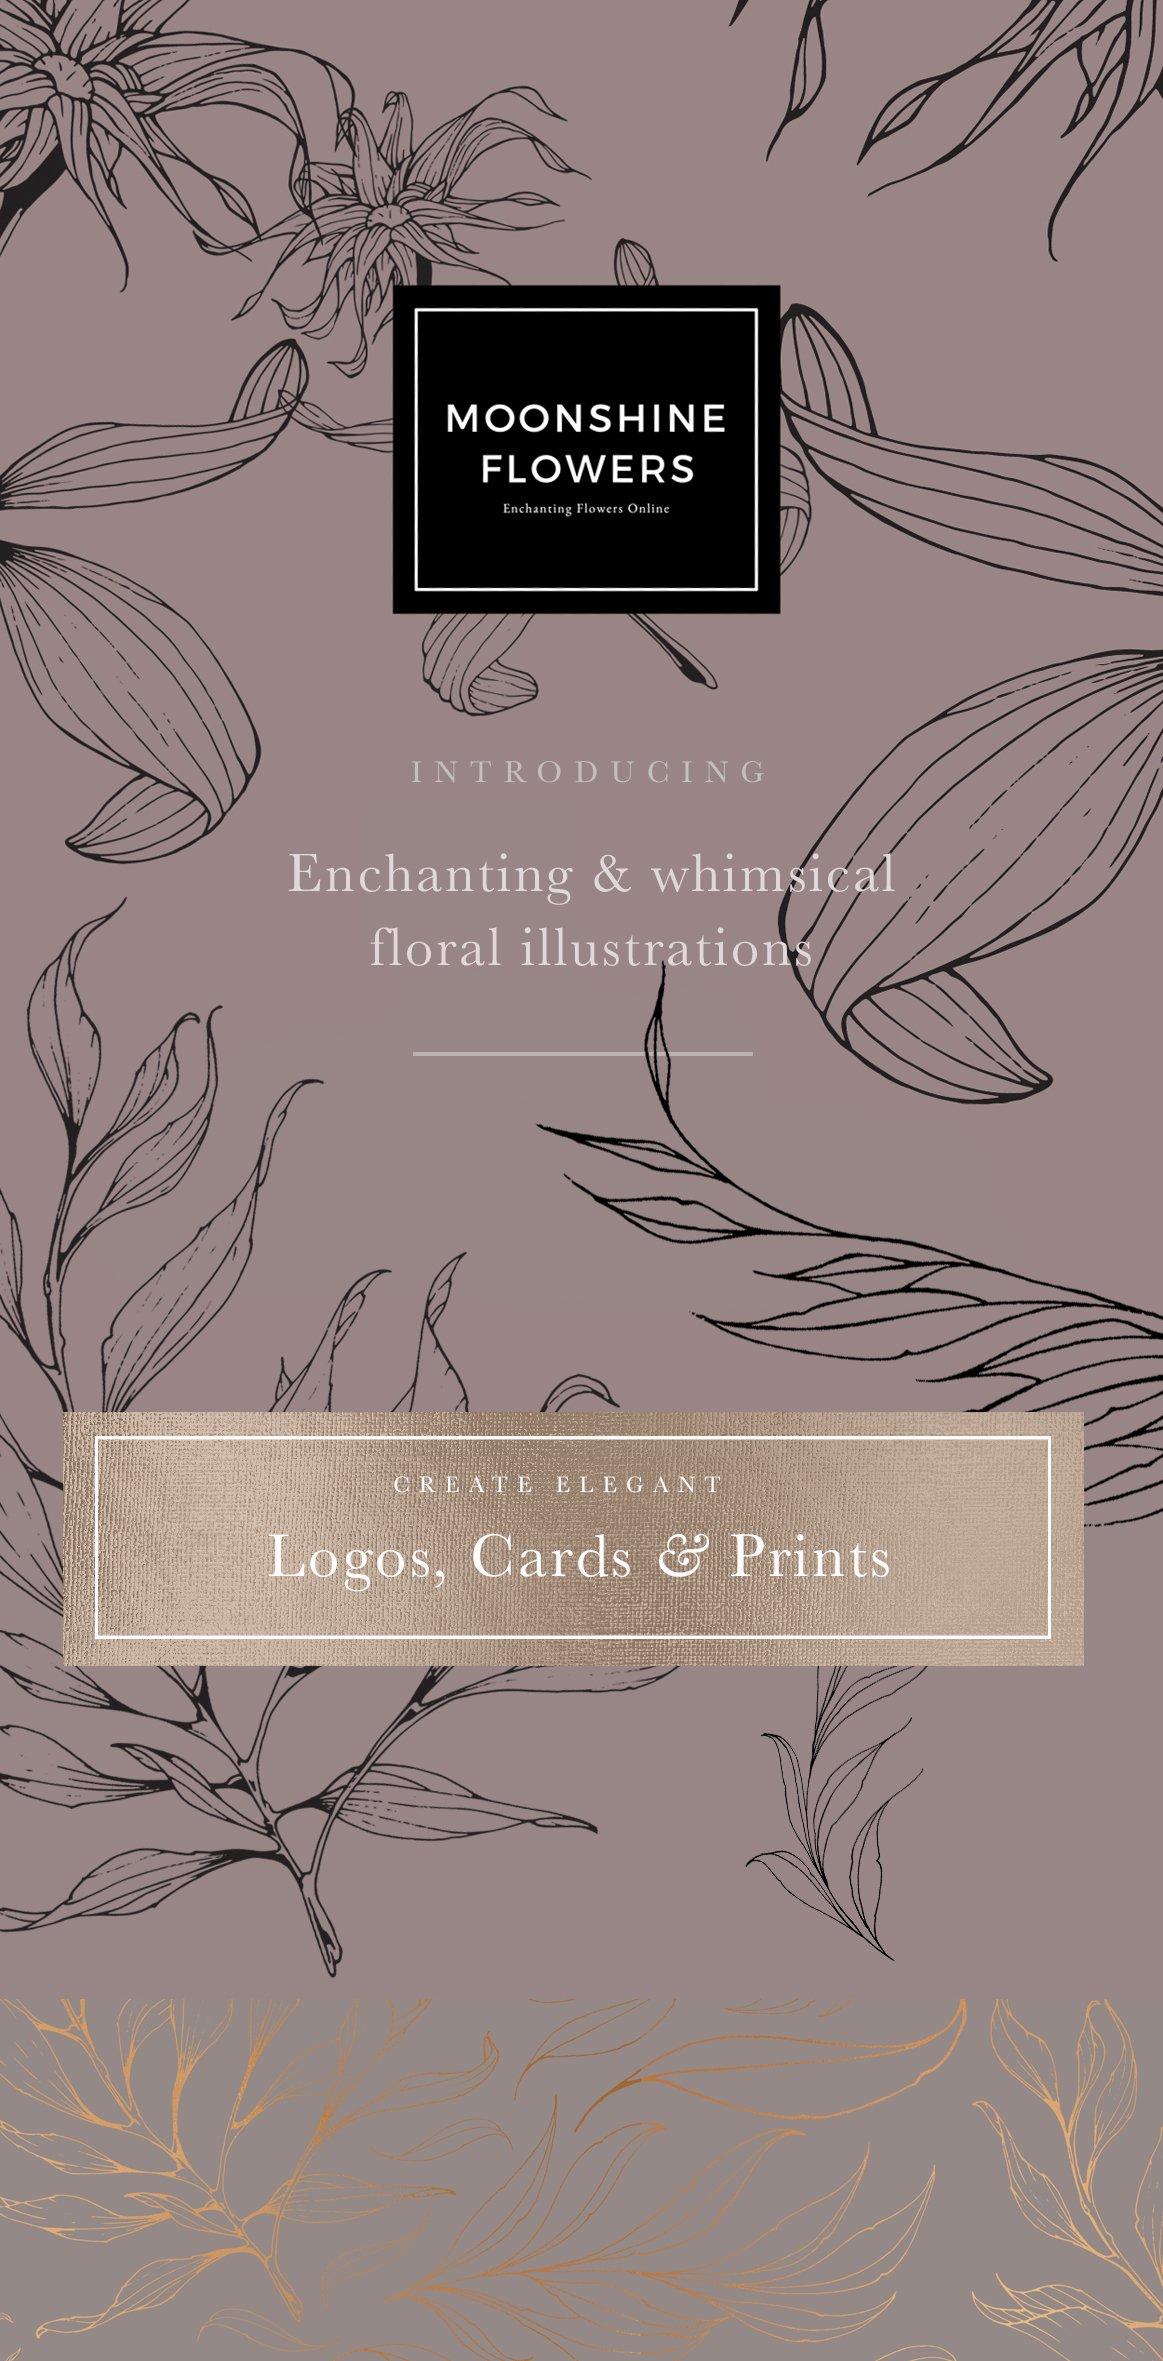 高品质的手绘花卉矢量插图&优雅数码纸纹理集合 70 Gold Patterns & Illustrations插图(2)